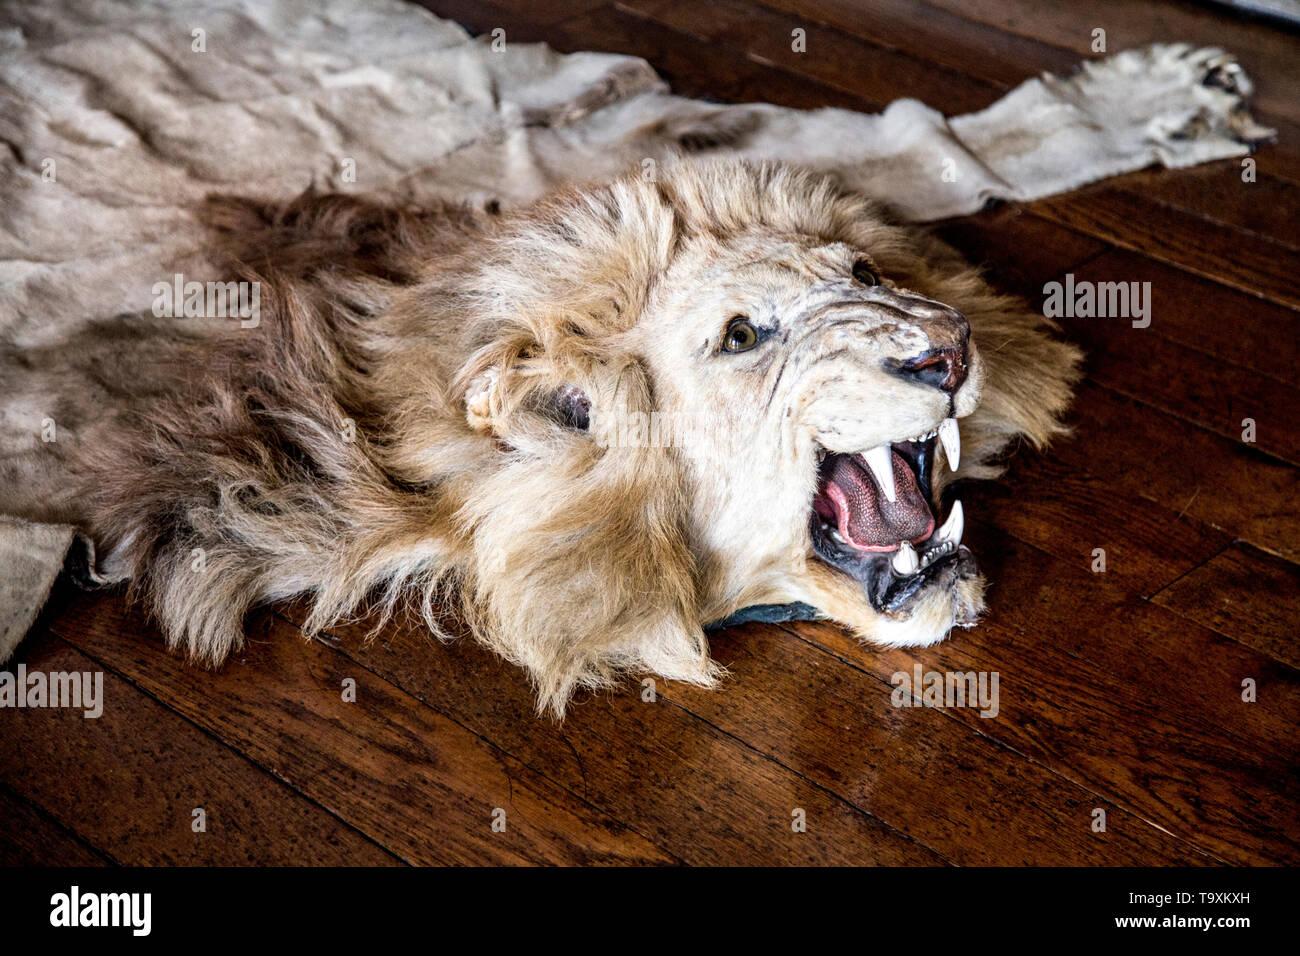 Lion skin rug at Arundel Castle, UK - Stock Image